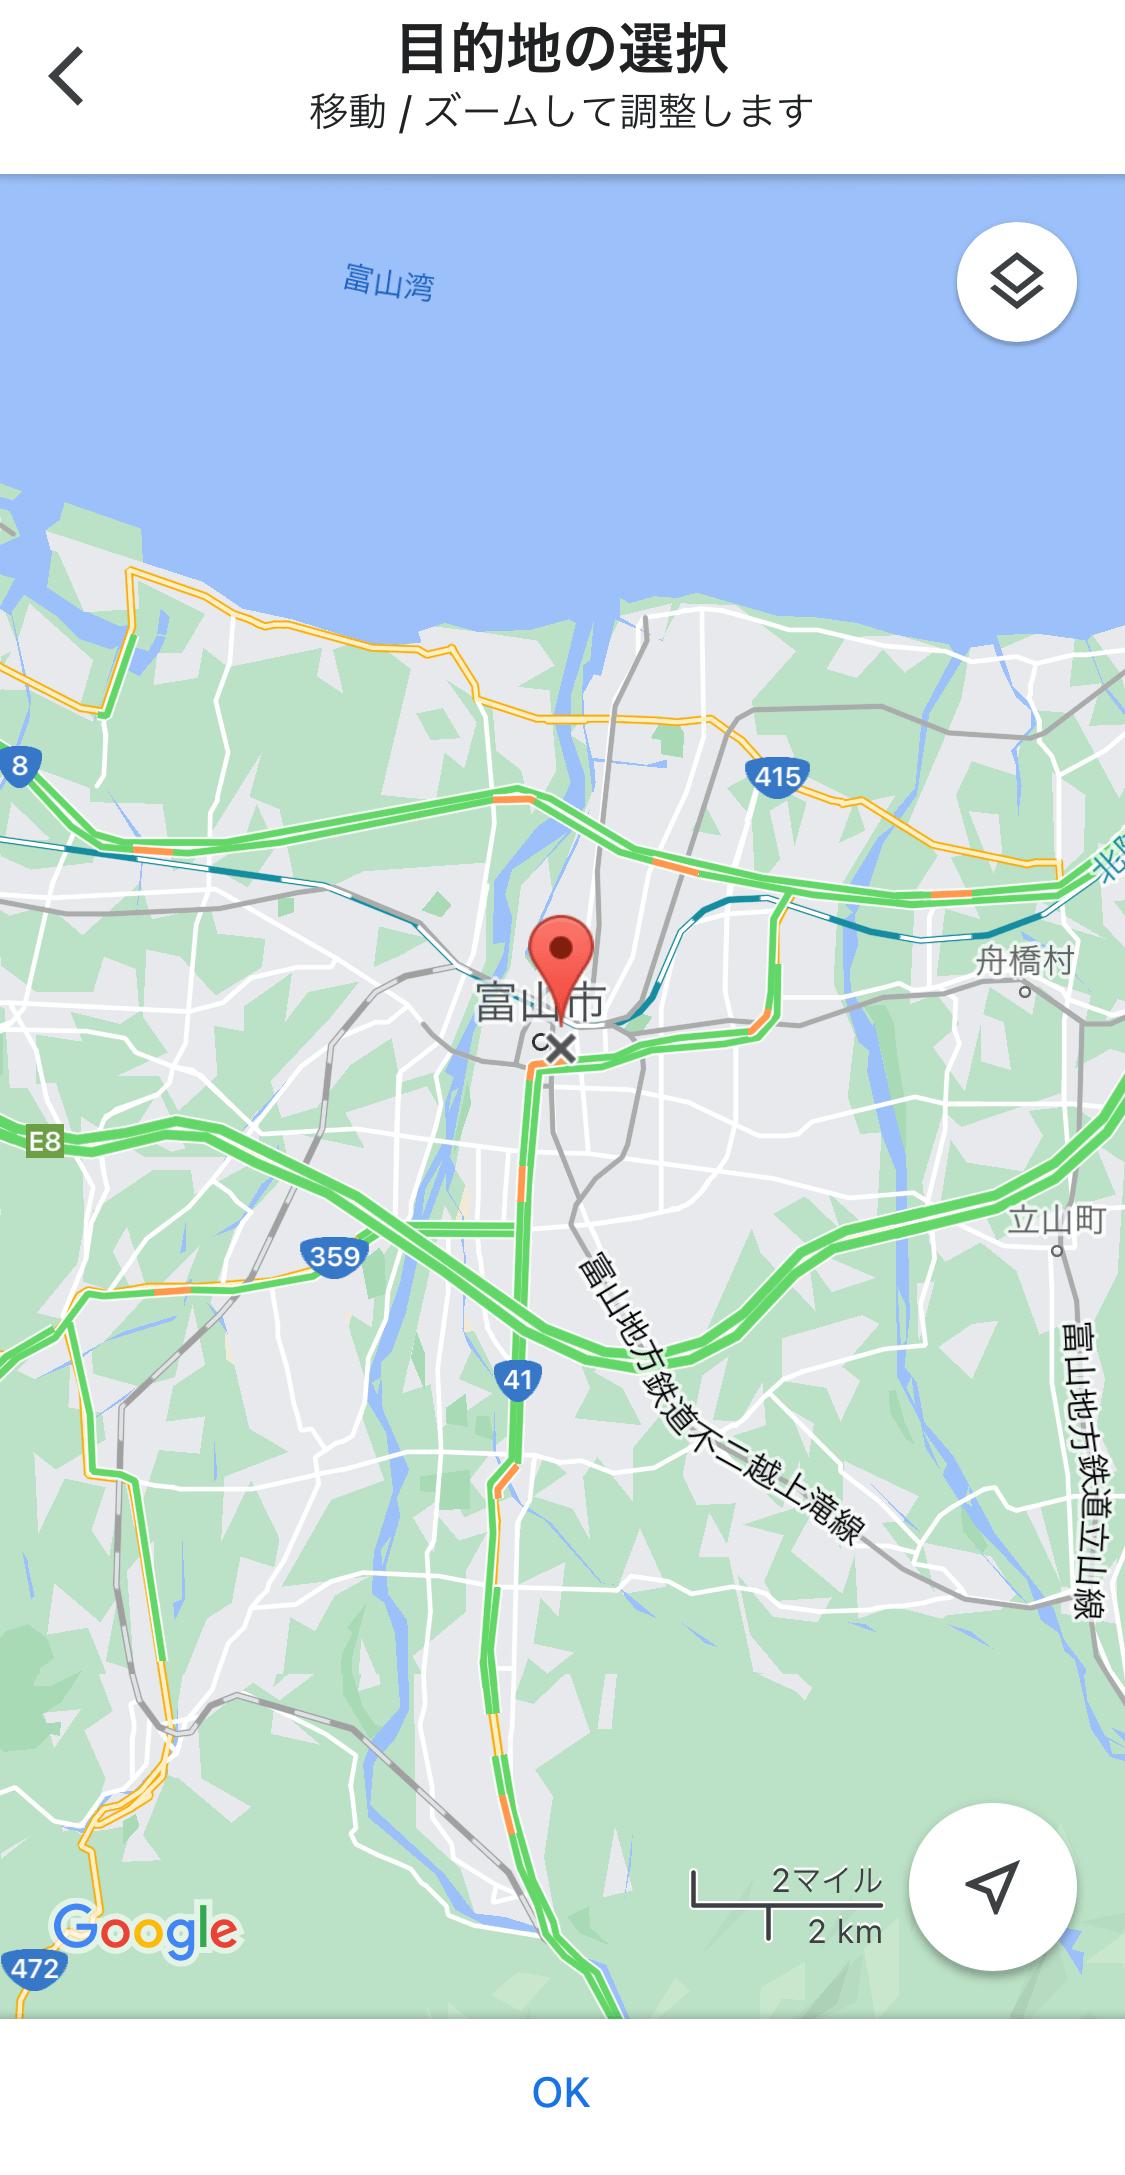 GoogleMaps customroutesearch 02